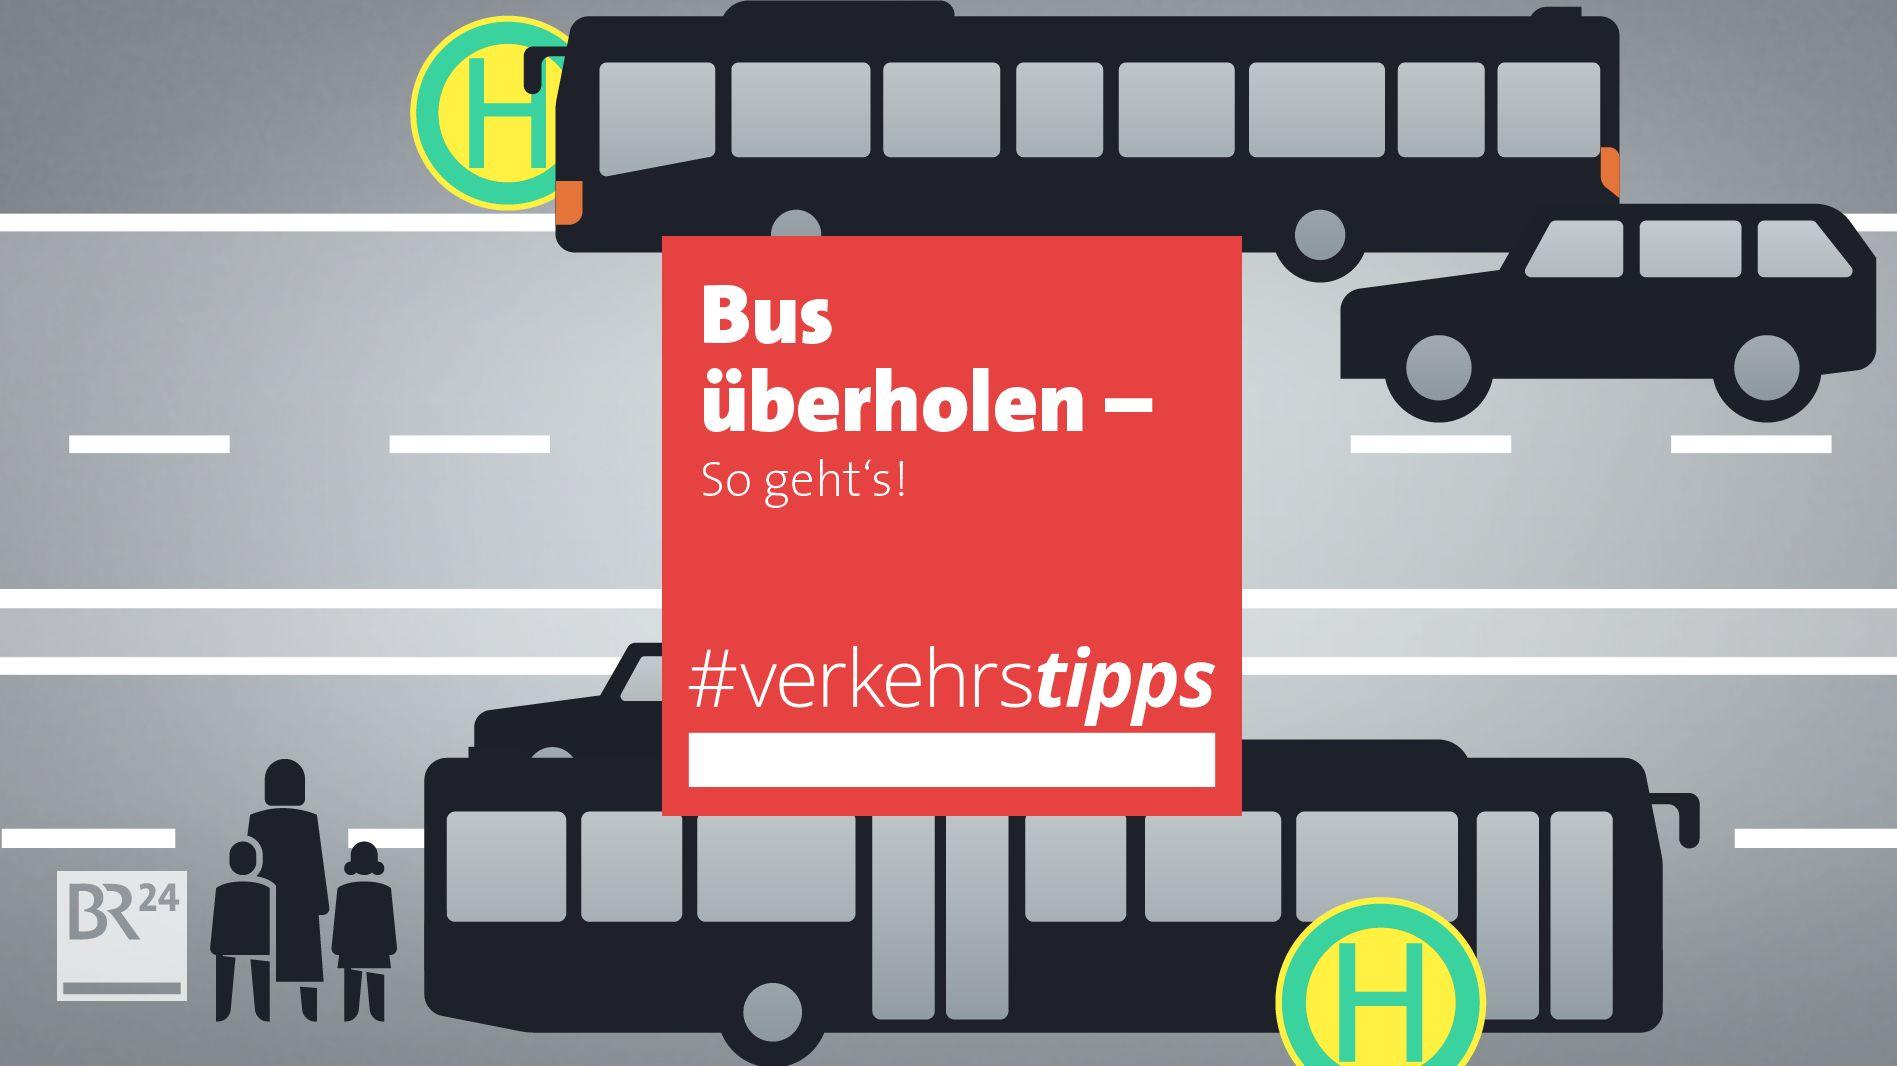 Bus überholen